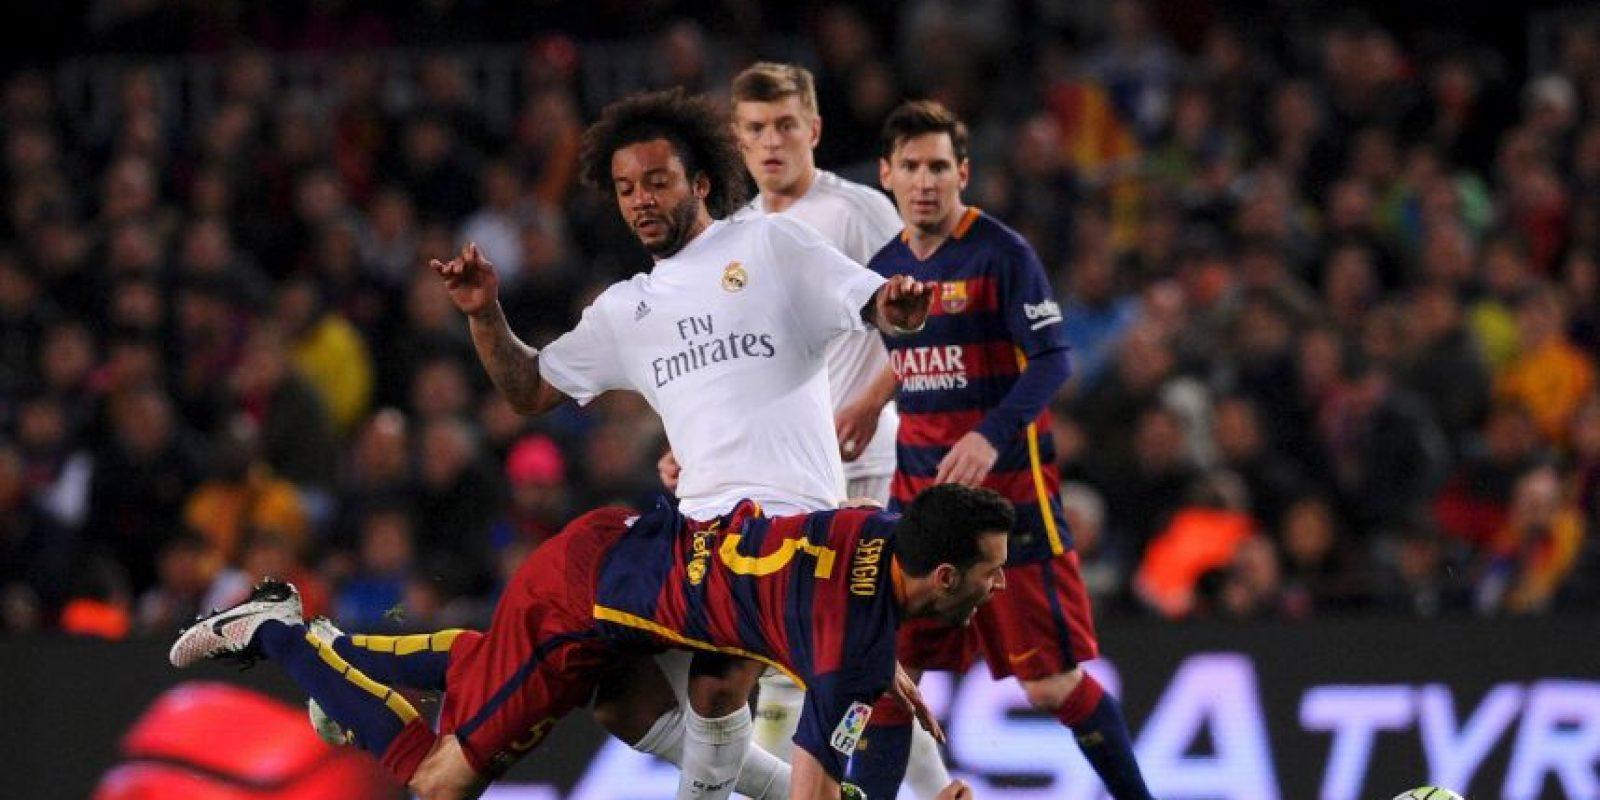 Ya hay fecha de los enfrentamientos entre Real Madrid y Barcelona en la siguiente campaña Foto:Getty Images